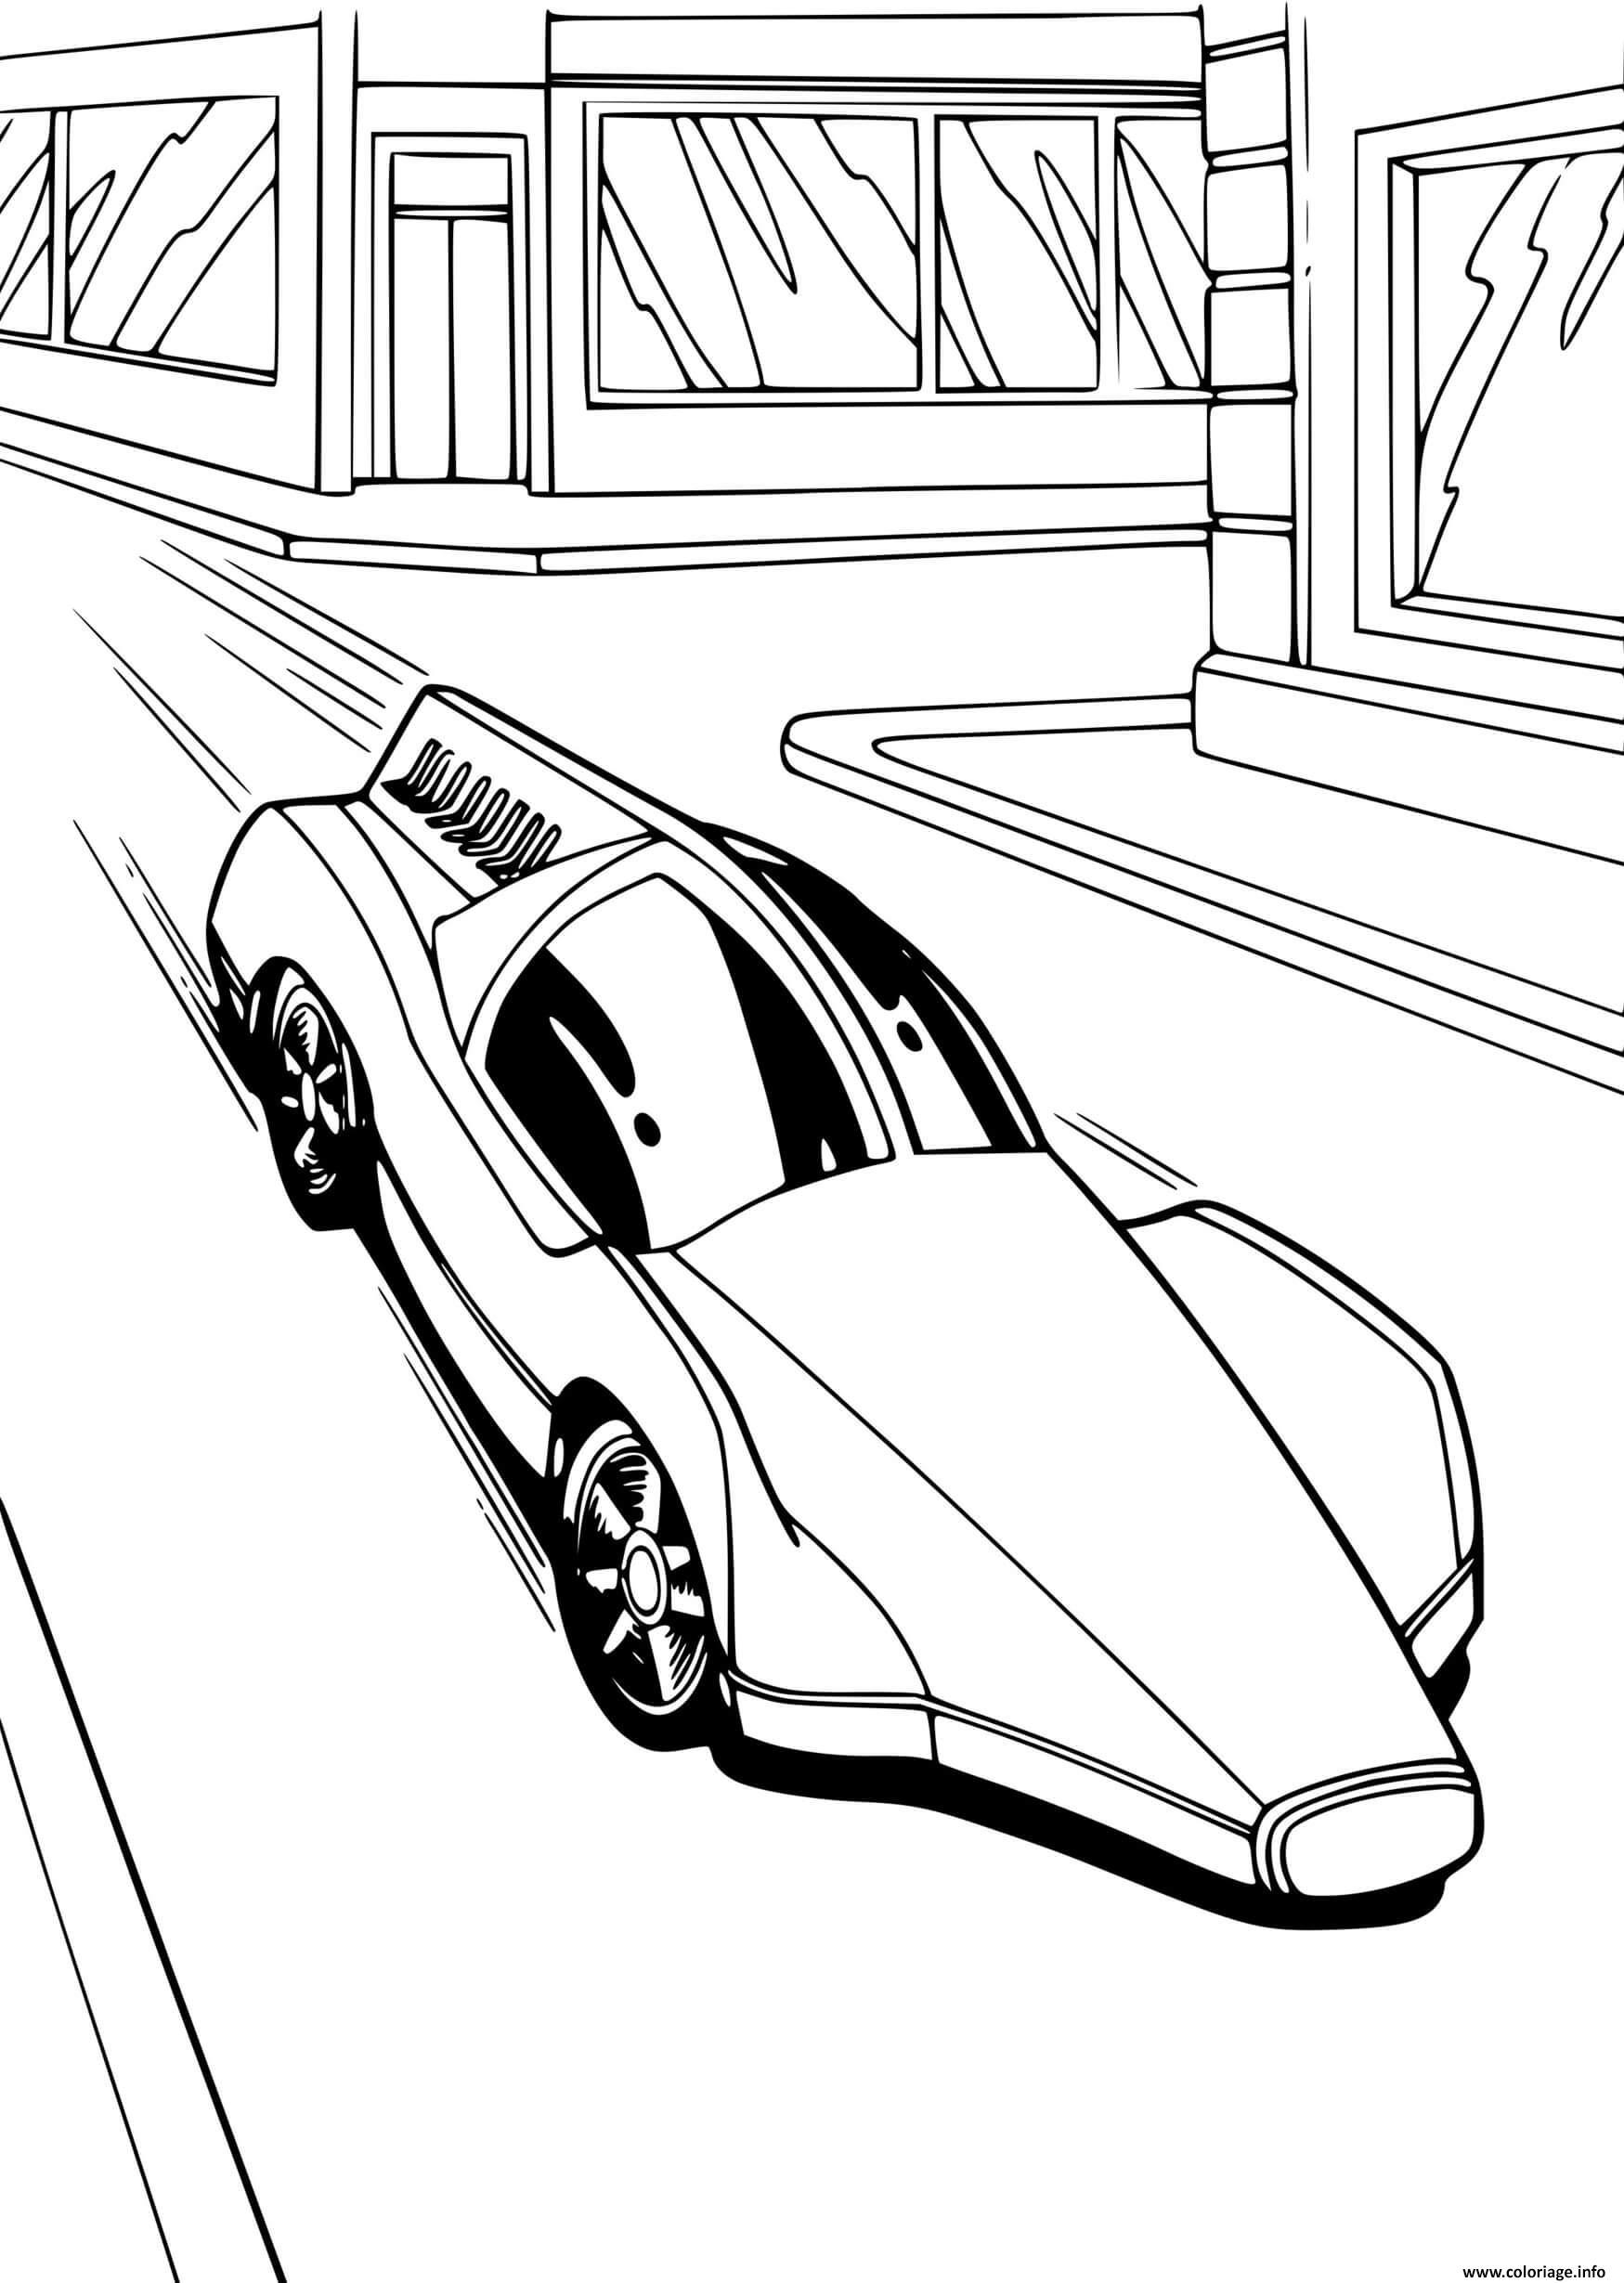 Dessin Hot Wheels rapide voiture Coloriage Gratuit à Imprimer